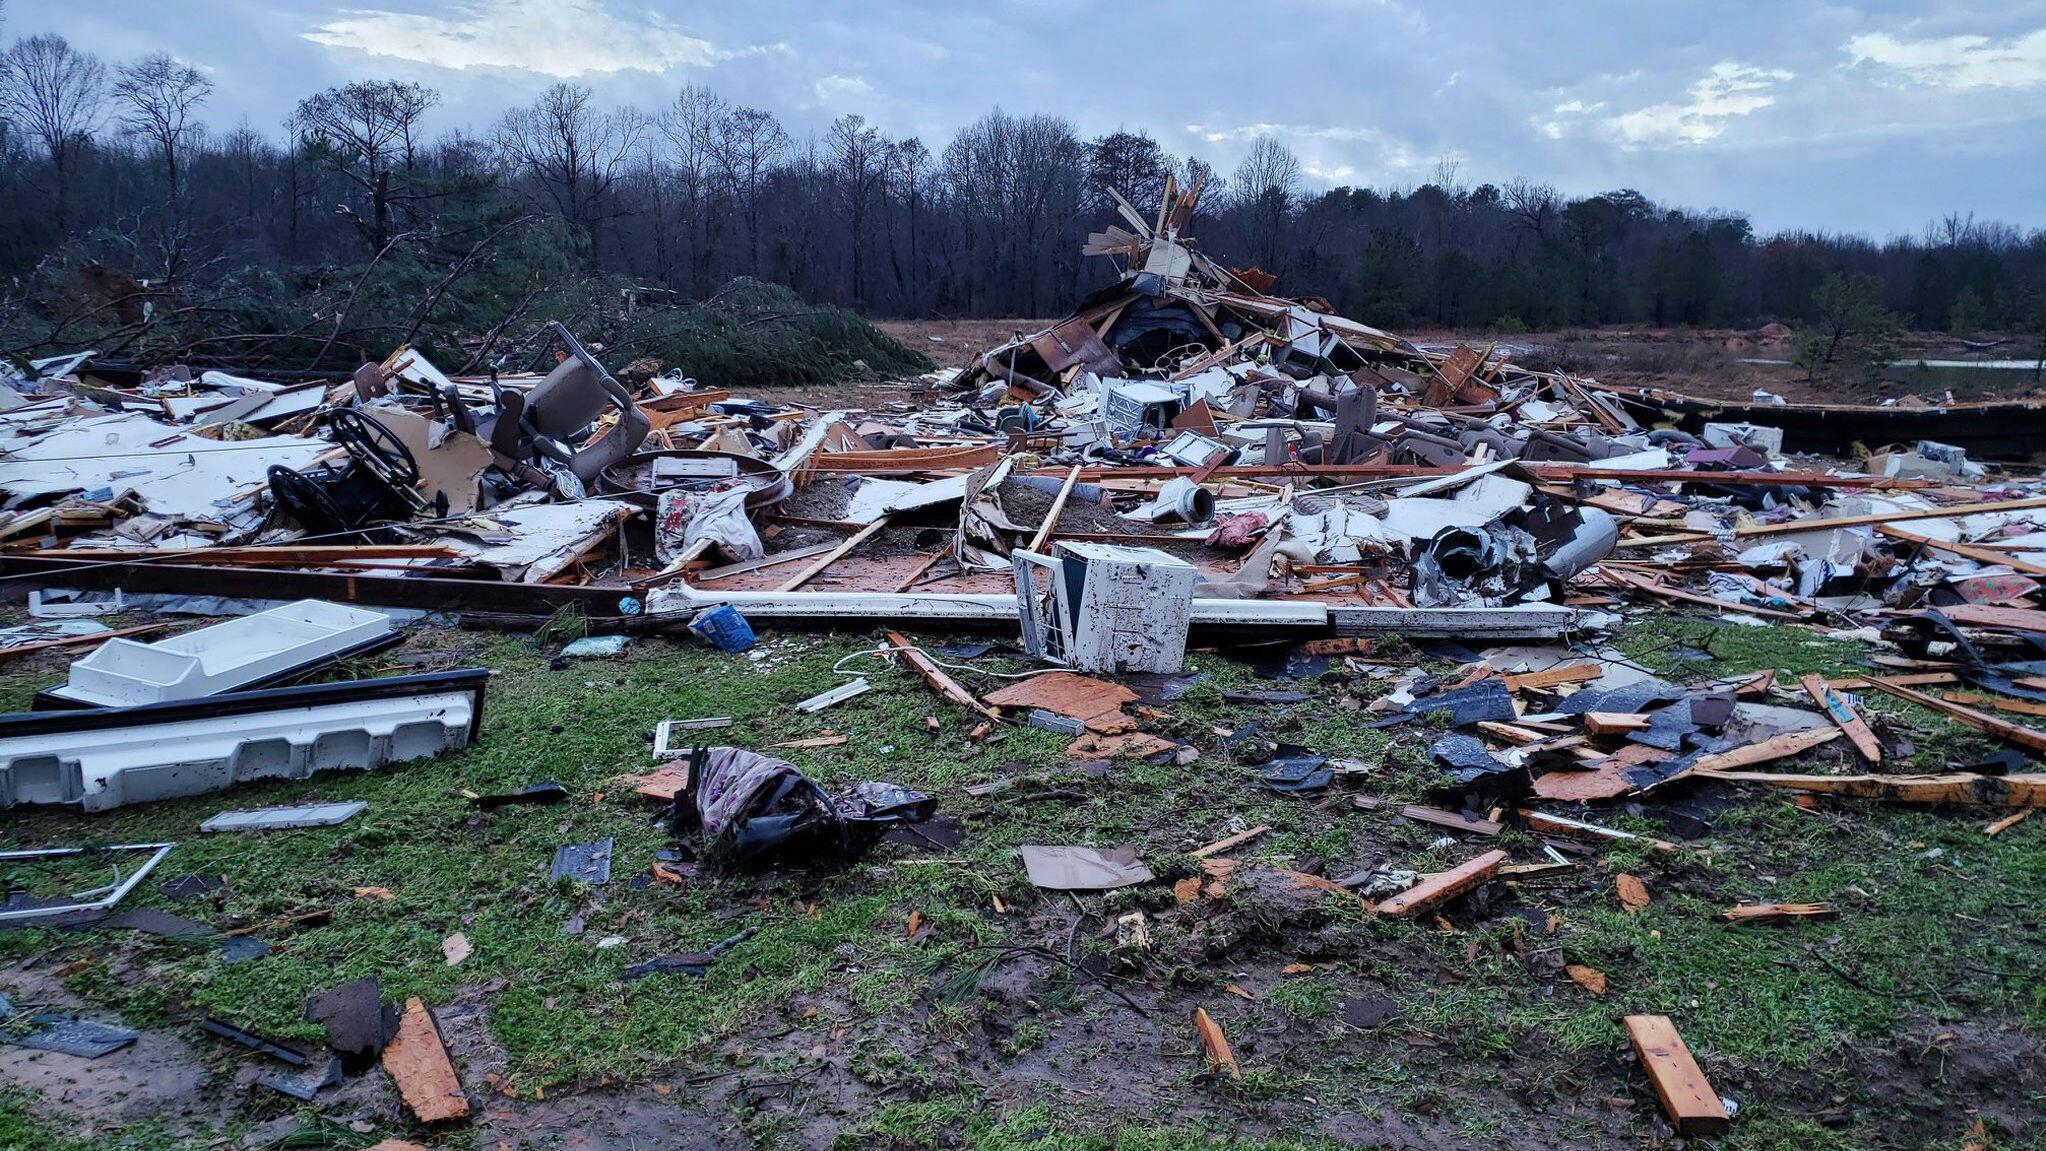 Imagen de Bossier Parish, Louisiana, en donde según el Servicio Meteorológico Nacional (NWS por sus siglas en inglés), un tornado tocó tierra con vientos de 217 kilómetros por hora. 11 de enero de 2020.